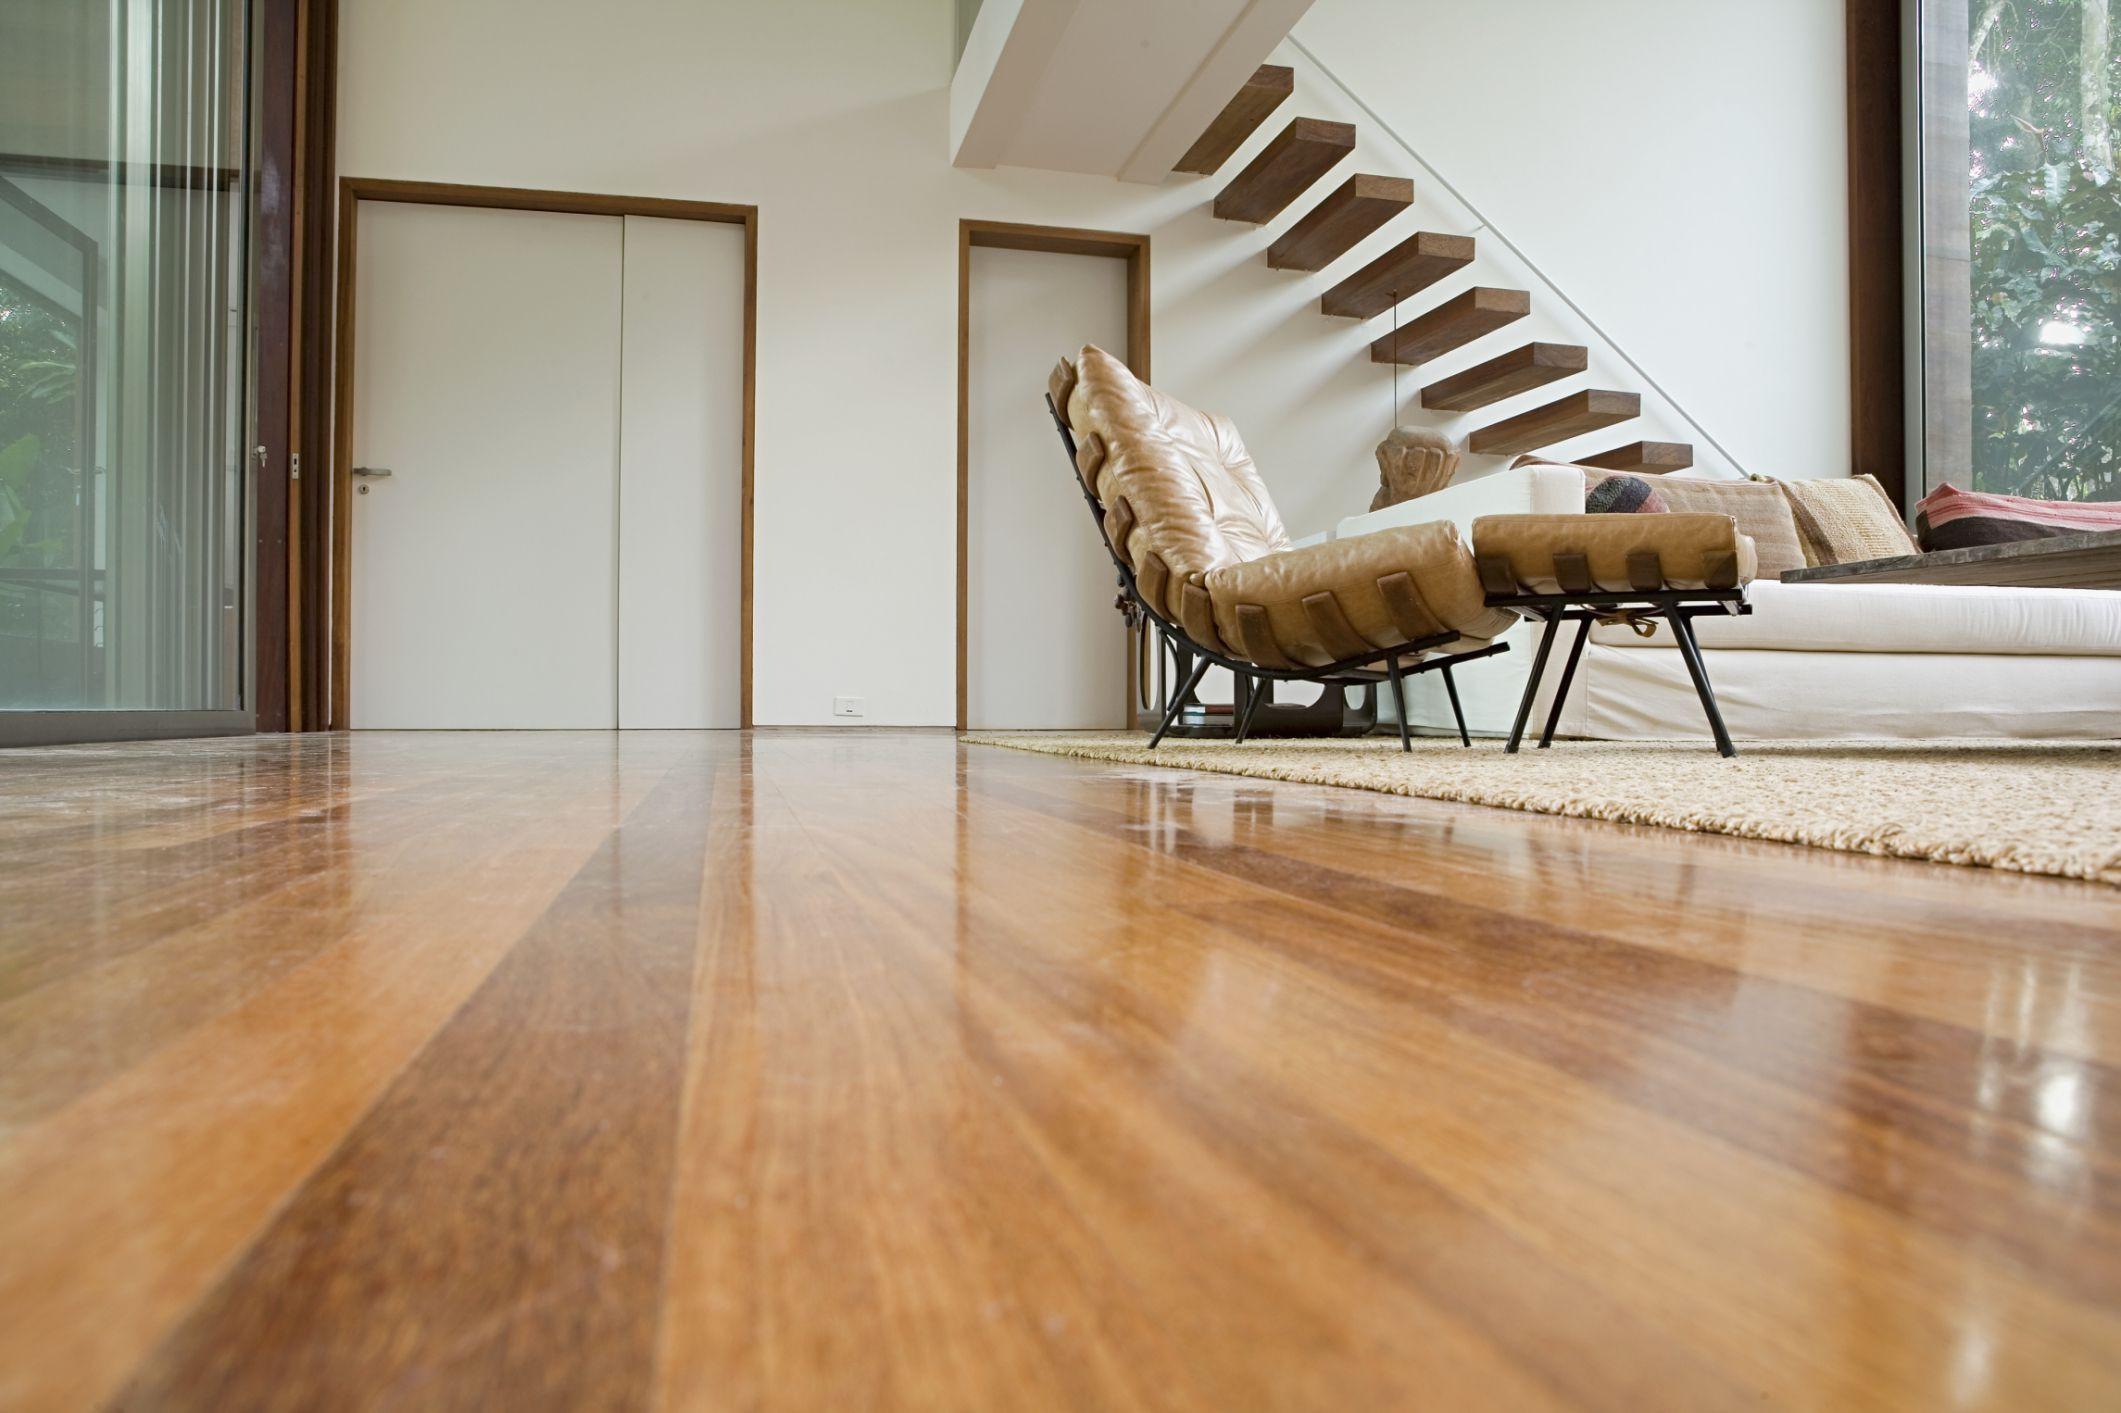 hardwood floor wood hardness scale of engineered wood flooring vs solid wood flooring for 200571260 001 highres 56a49dec5f9b58b7d0d7dc1e